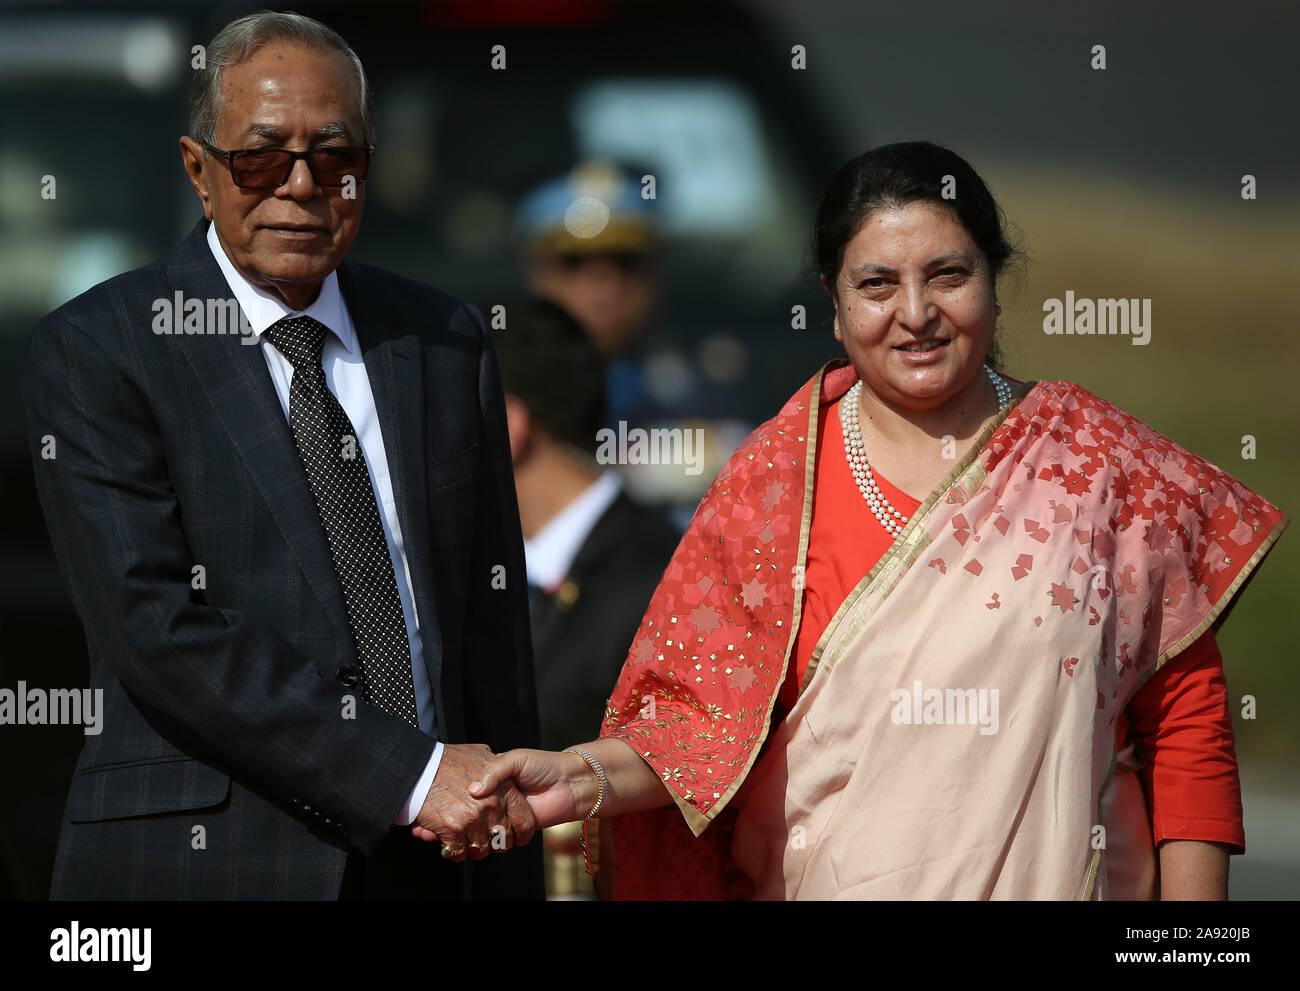 Kathmandu, Nepal. Xii Nov, 2019. Presidente del Bangladesh M Abdul Hamid (L) stringe la mano con il nepalese Presidente Bidhya Devi Bhandari presso l'aeroporto internazionale di Tribhuvan di Kathmandu, capitale del Nepal, nov. 12, 2019. Presidente del Bangladesh M Abdul Hamid è arrivato a Kathmandu il martedì per quattro giorni di buona volontà ufficiale visita. Credito: Str/Xinhua/Alamy Live News Foto Stock